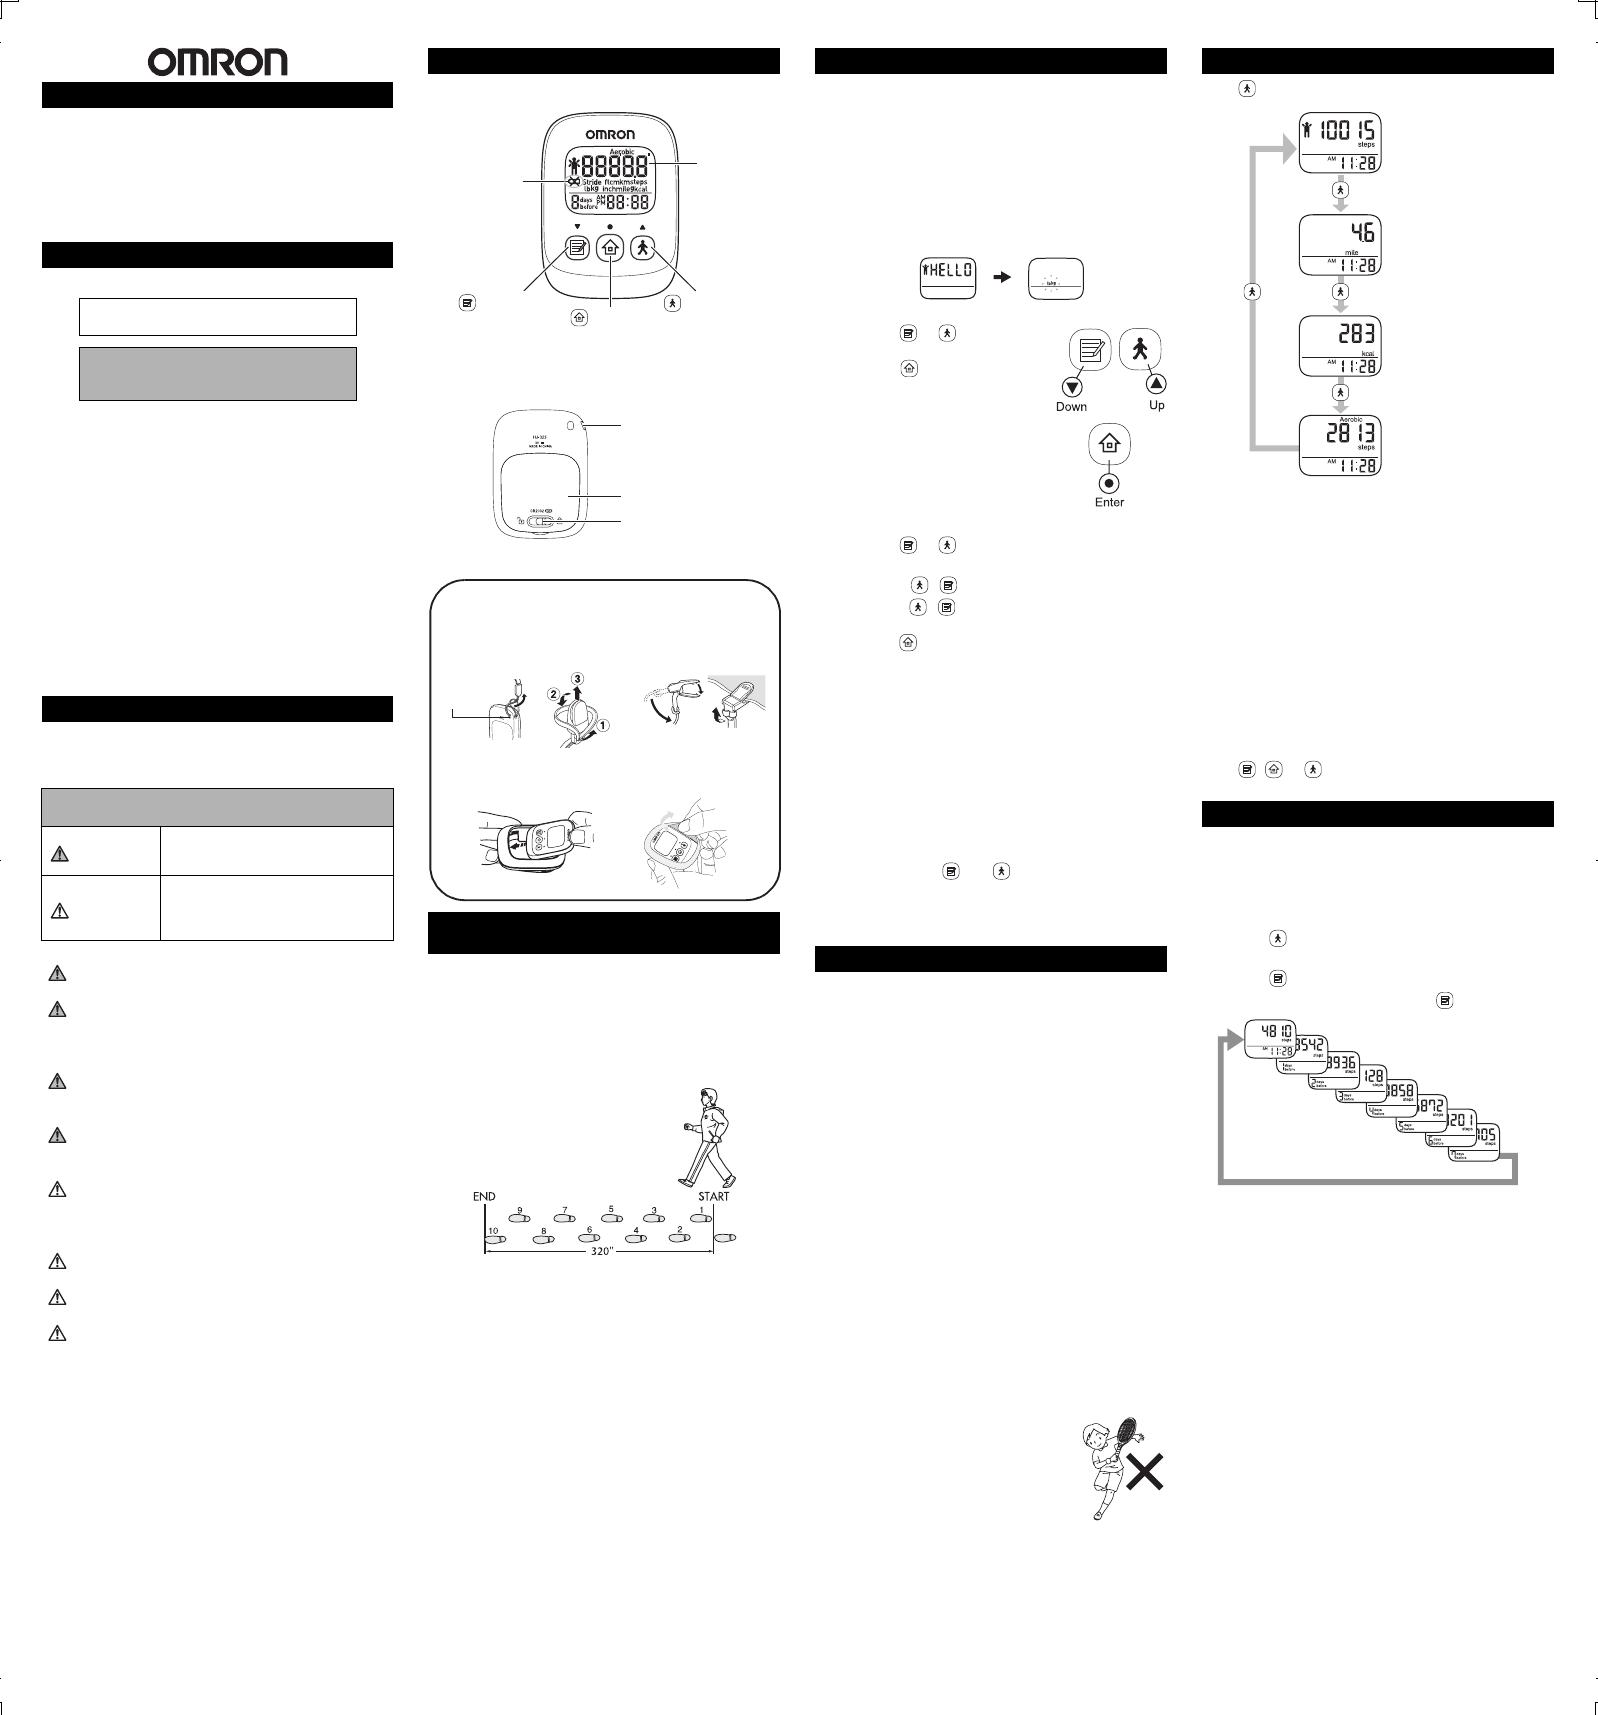 omron alvita ultimate pedometer manual